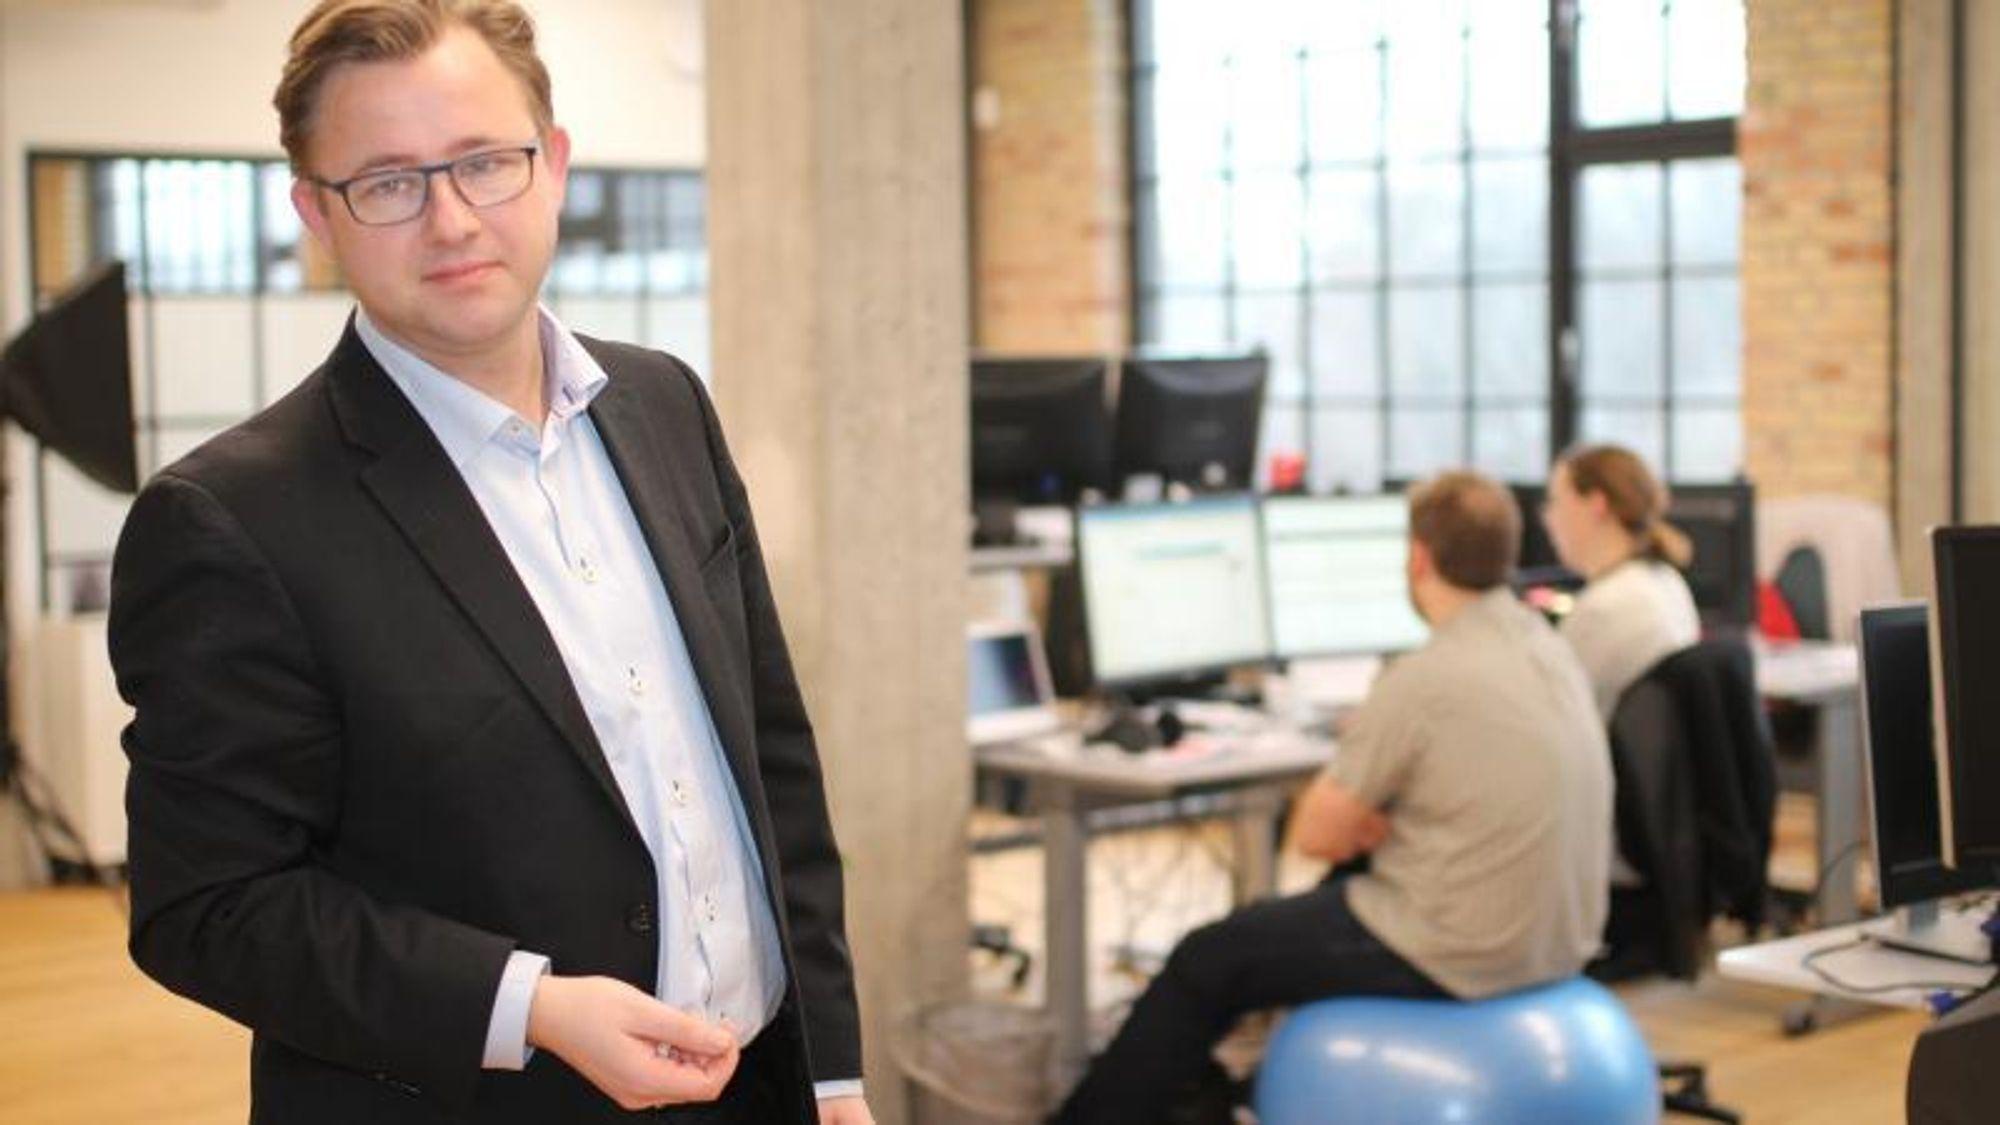 Henrik Stenmann ar direktør og eier av IIH Nordic. Han blir irritert når folk kaller inn til møter om formiddagen når medarbeiderne er mest produktive.